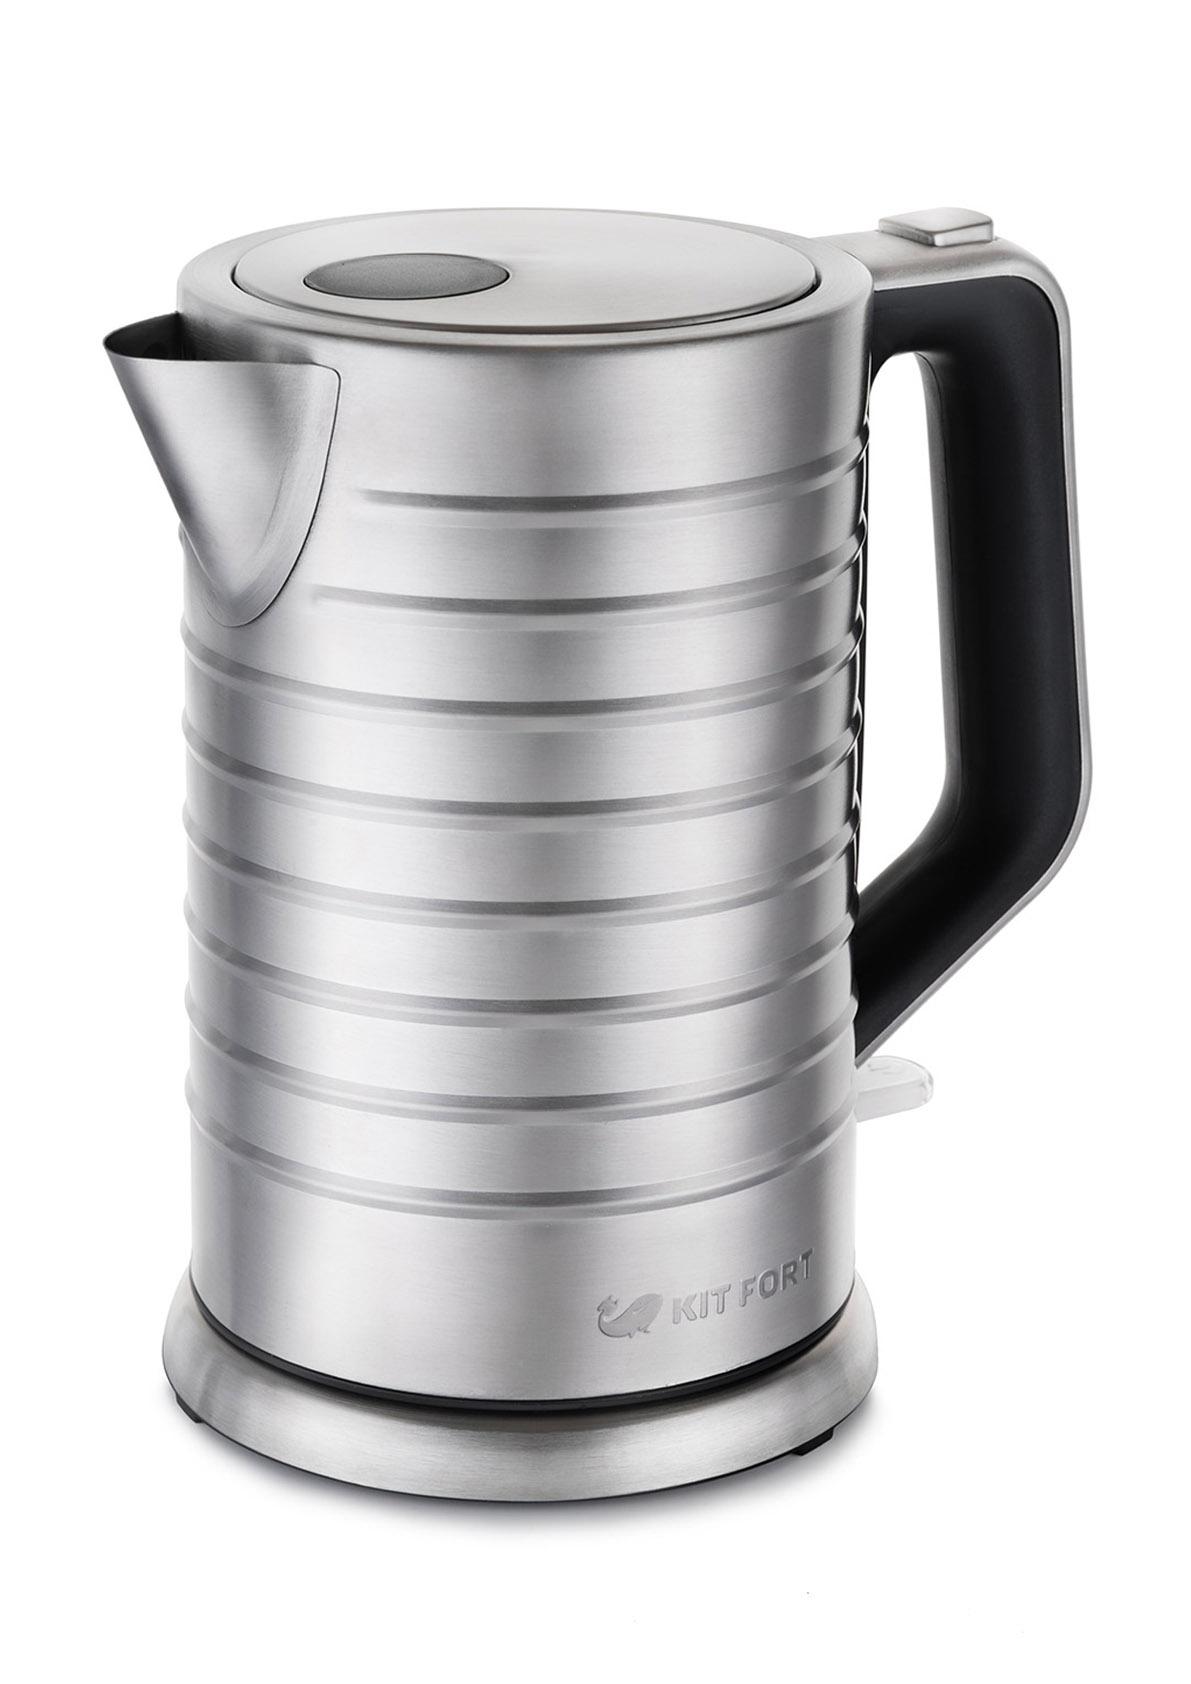 Картинка для Чайник электрический Kitfort КТ-627 1.7л. 2200Вт серебристый (корпус: металл/пластик)